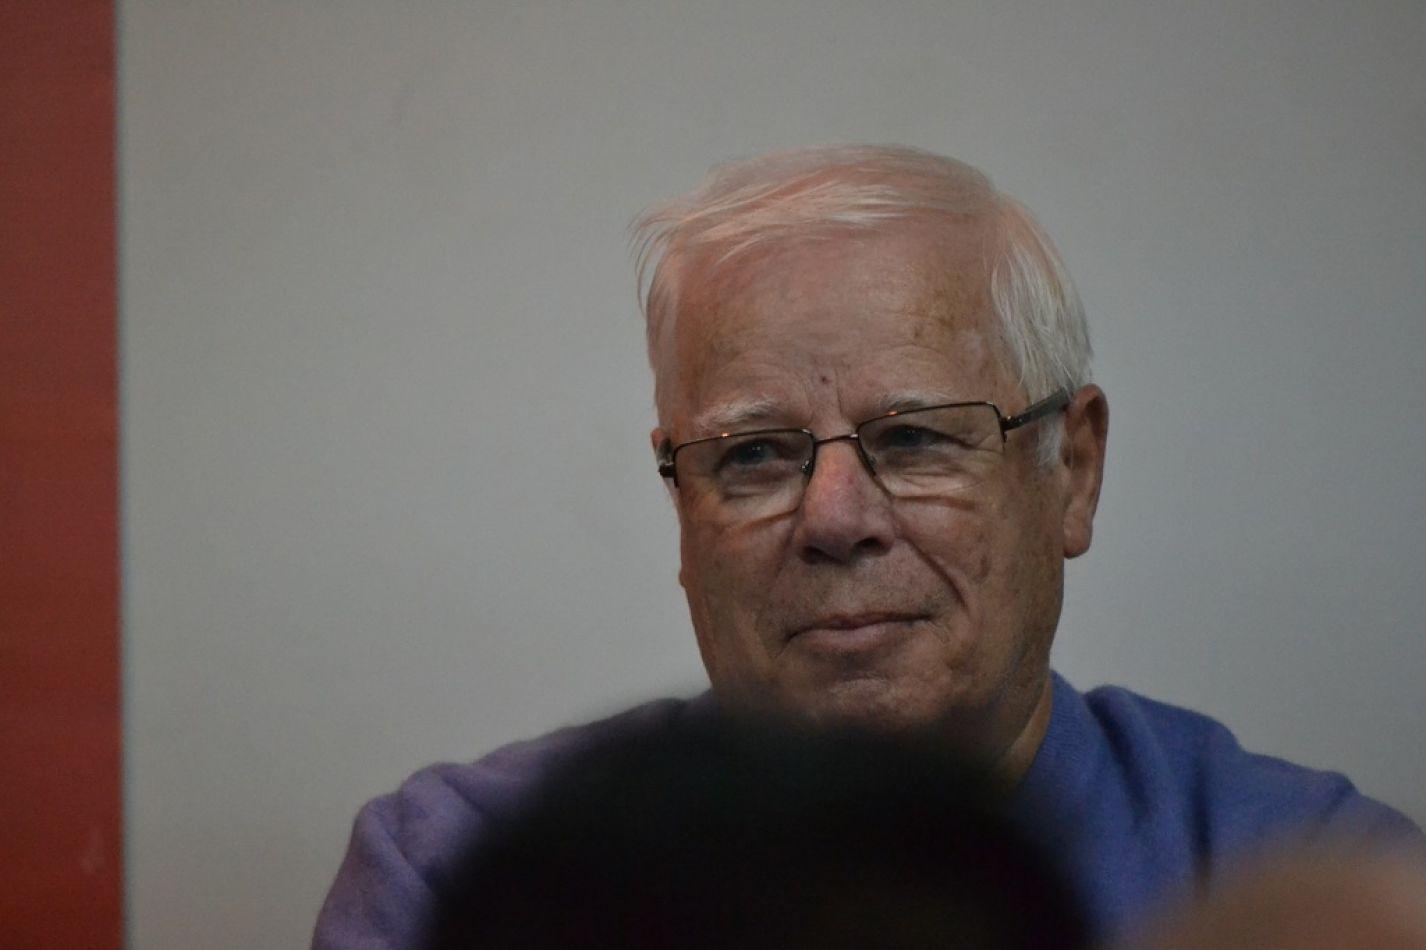 La exclusión de Betts del Comité de Descolonización genera rechazo